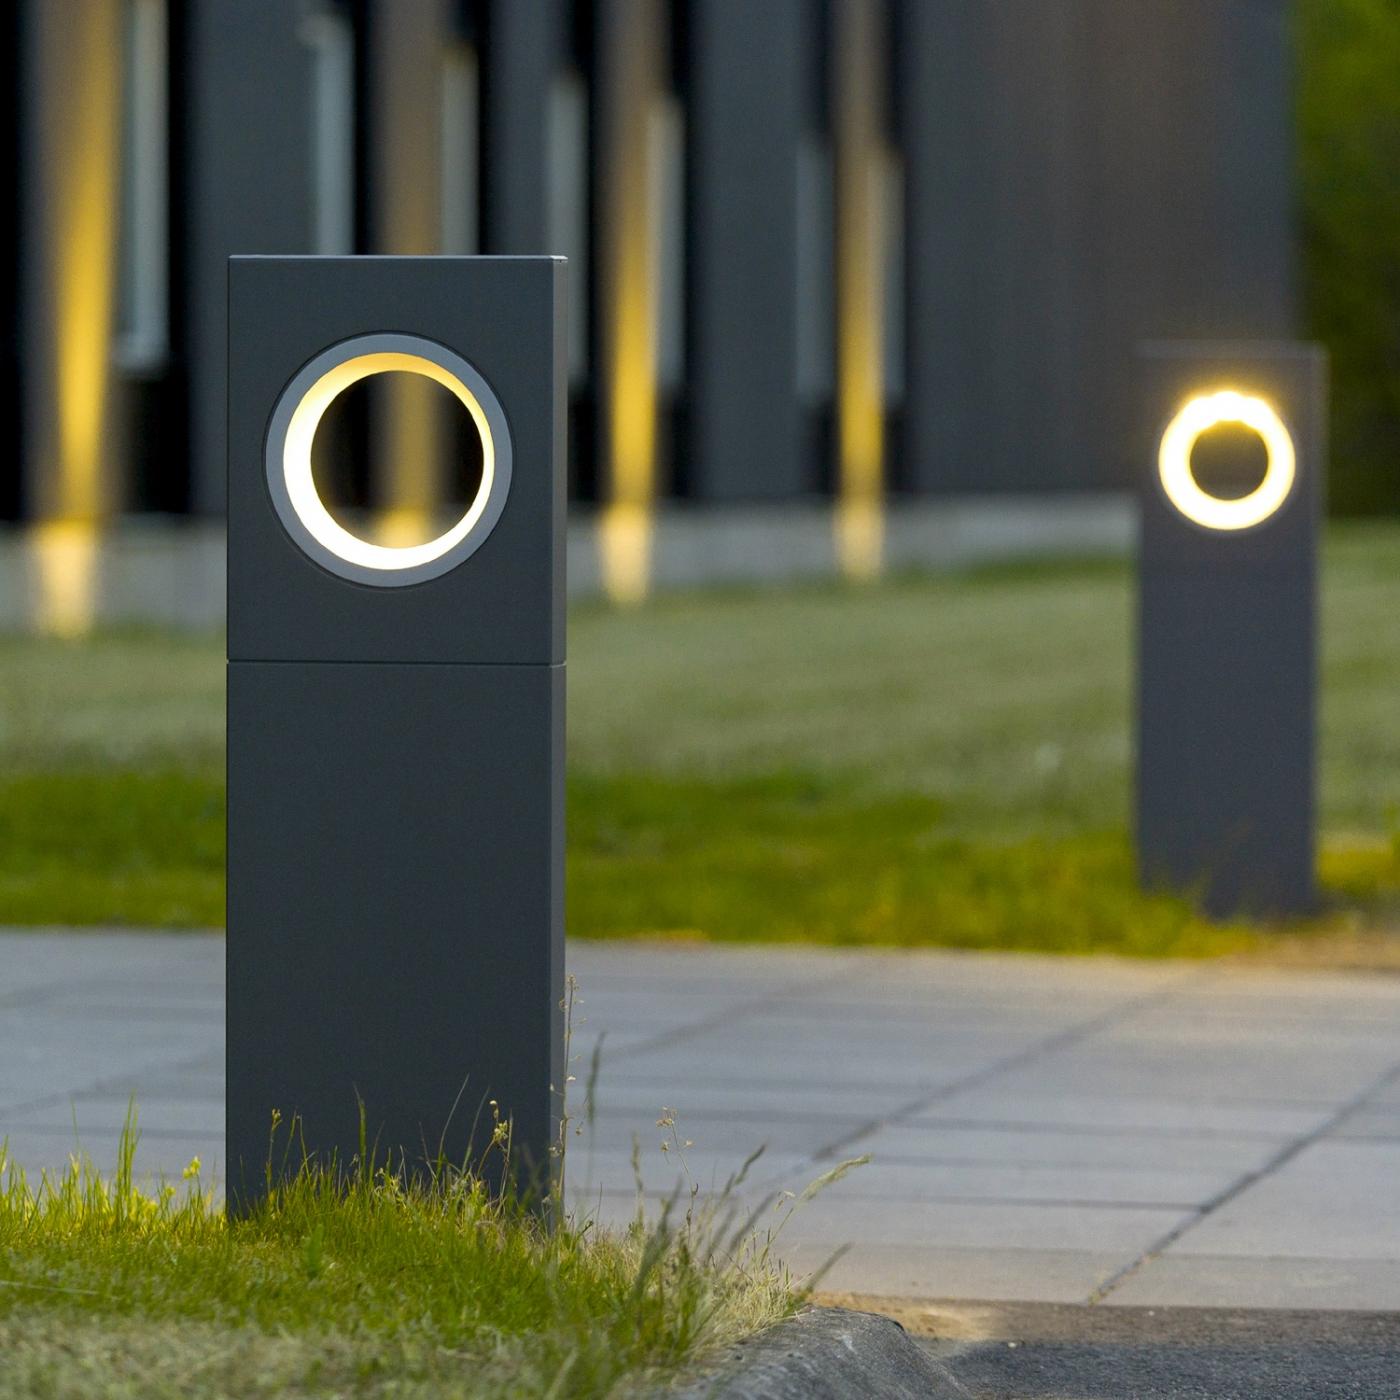 Moon paletto platek light s r l lampade da esterno - Illuminazione esterno ikea ...